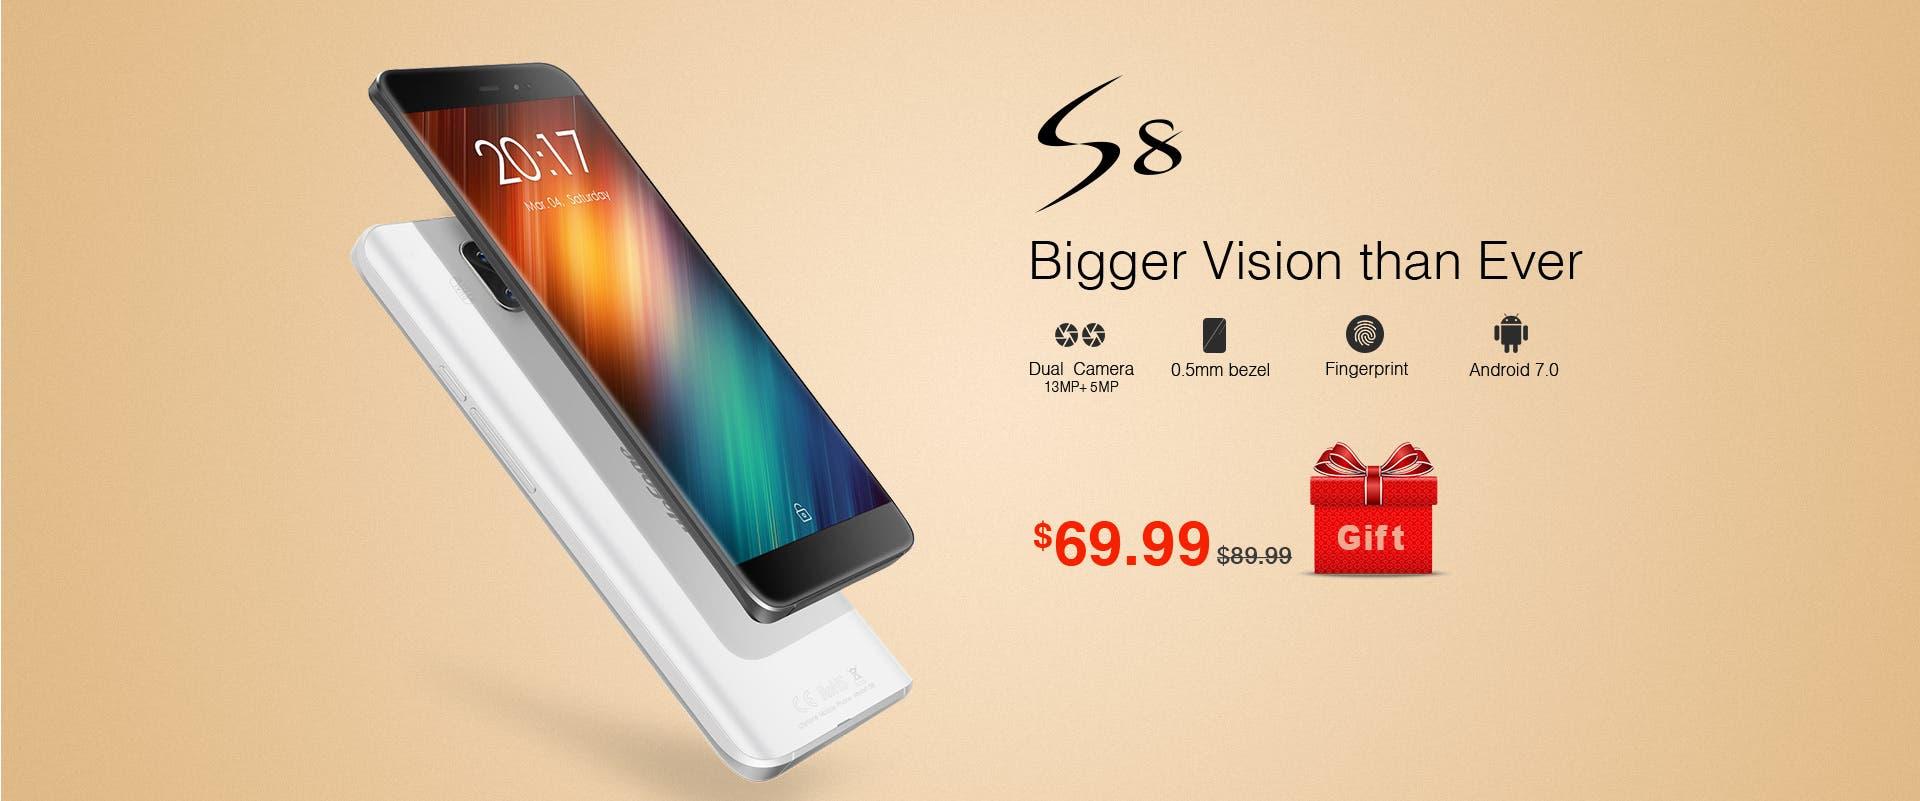 Ulefone S8